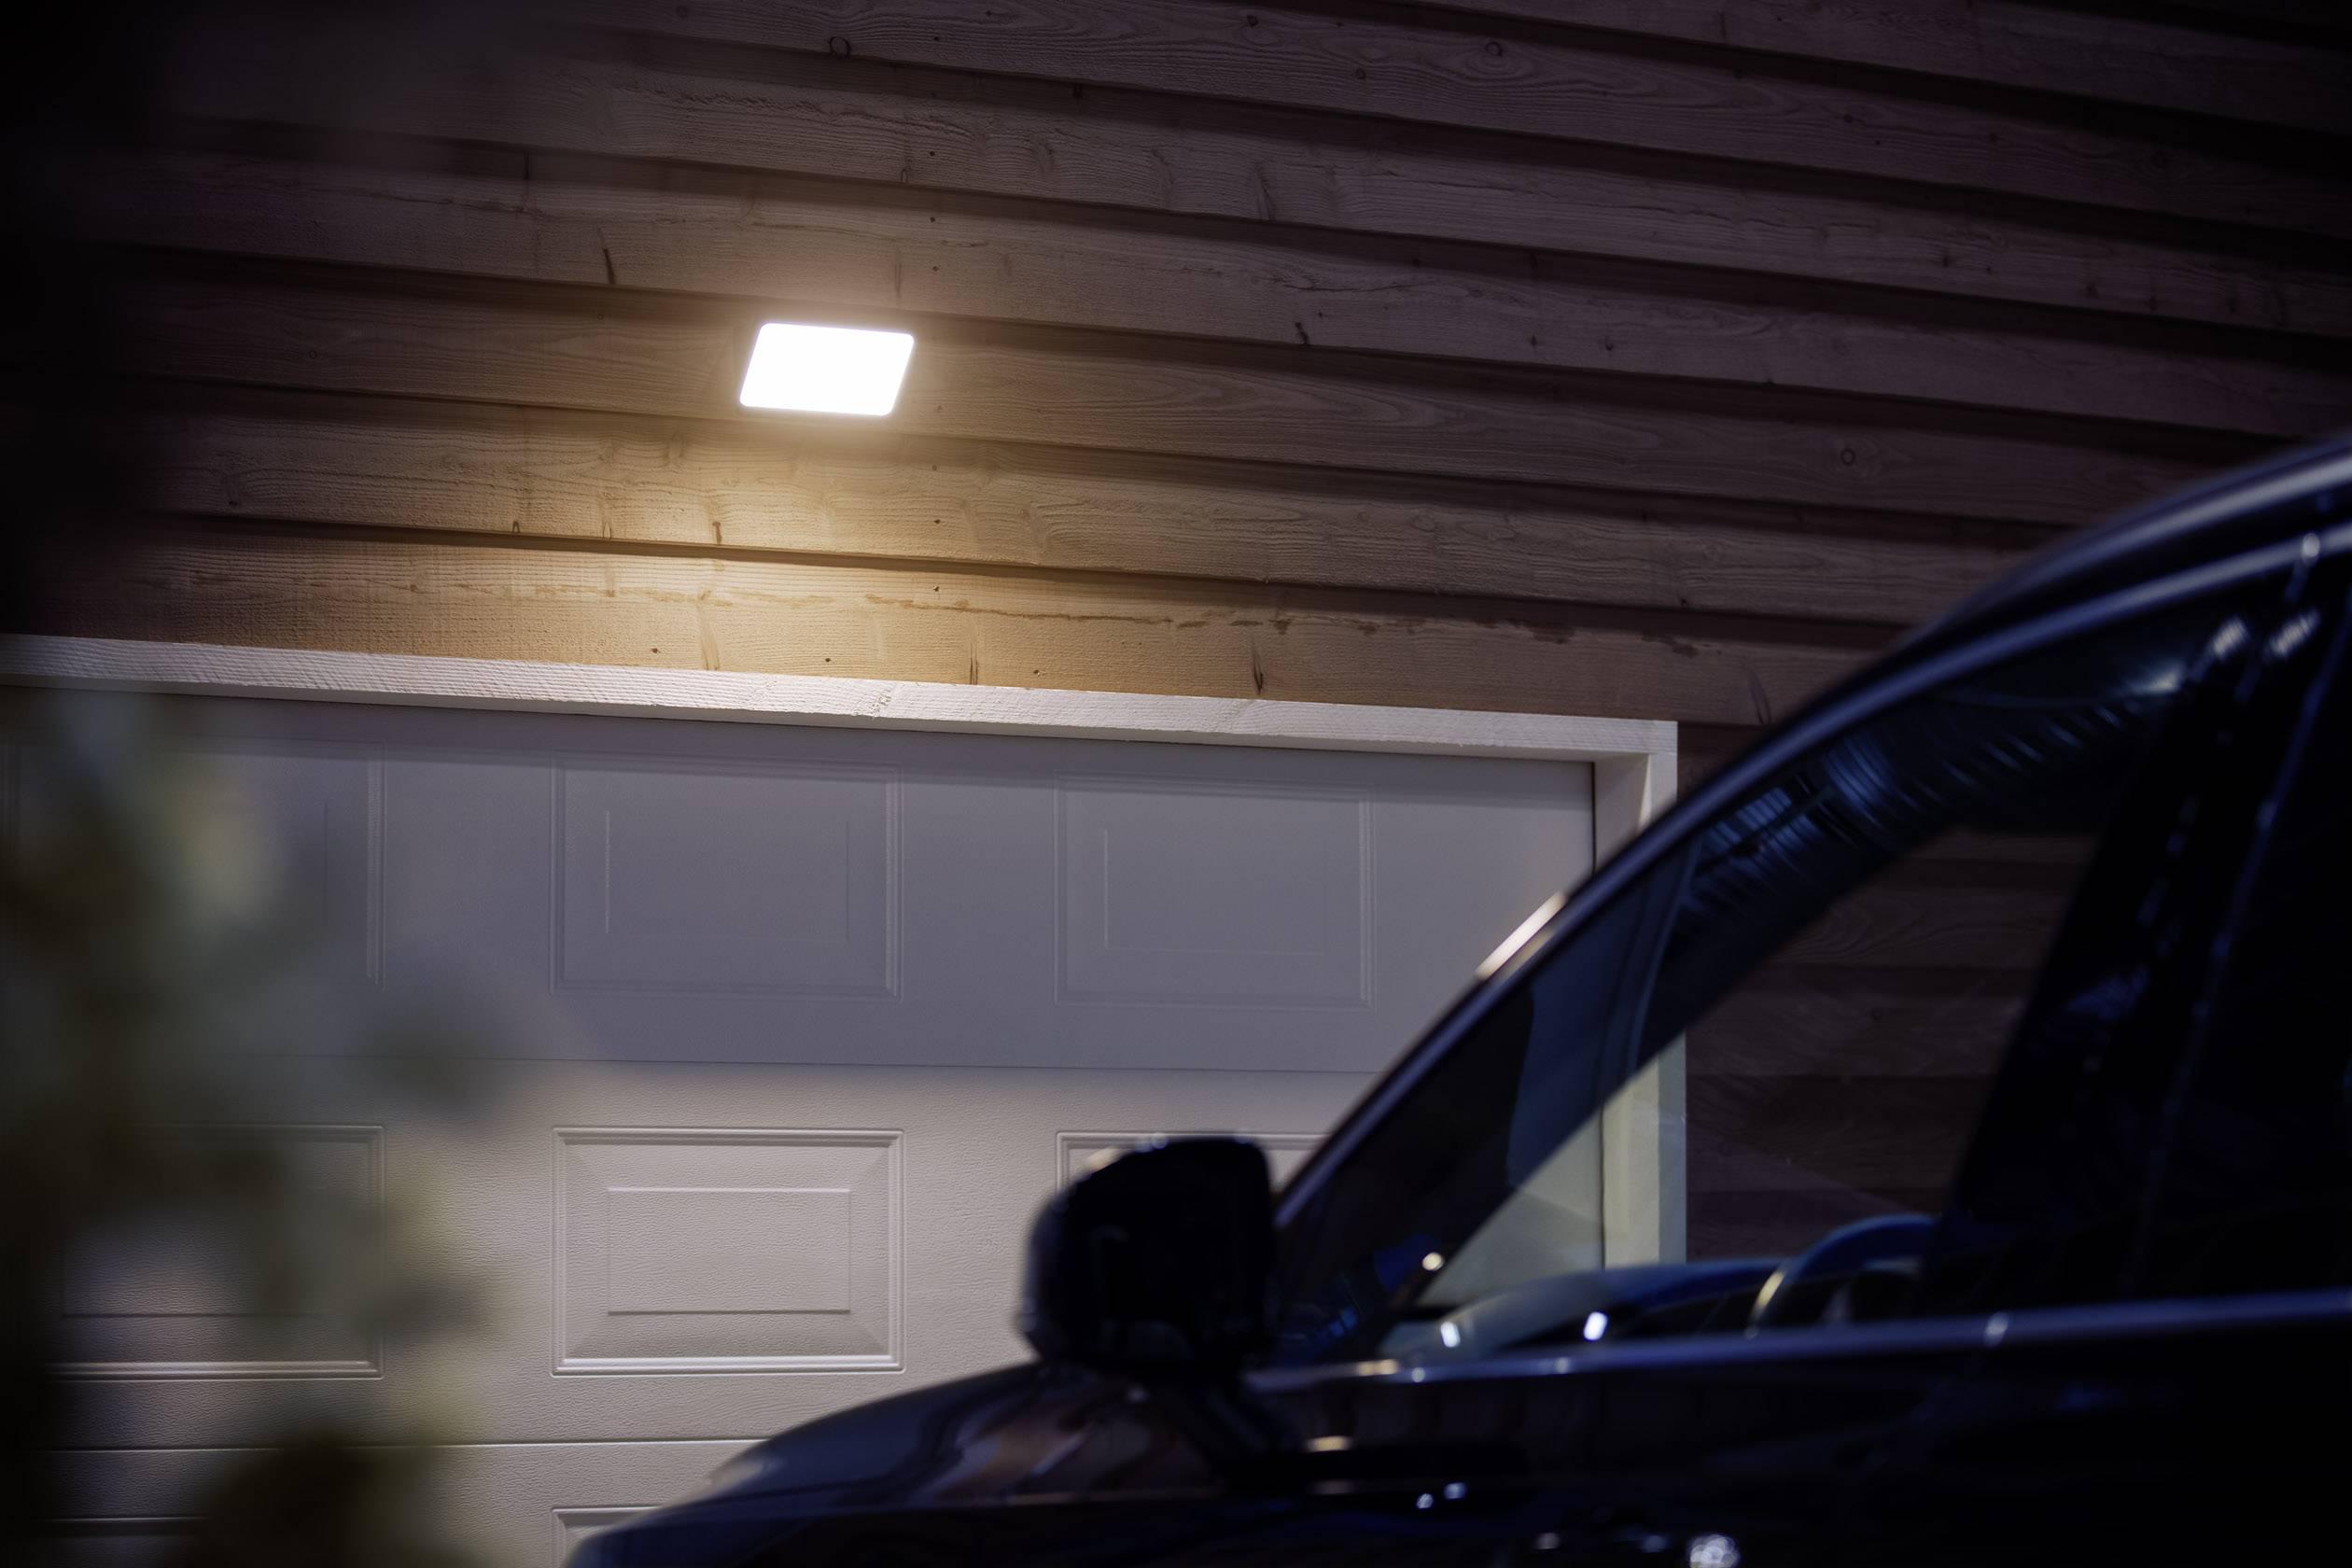 Projecteur exterieur led philips cool eclairage exterieur led